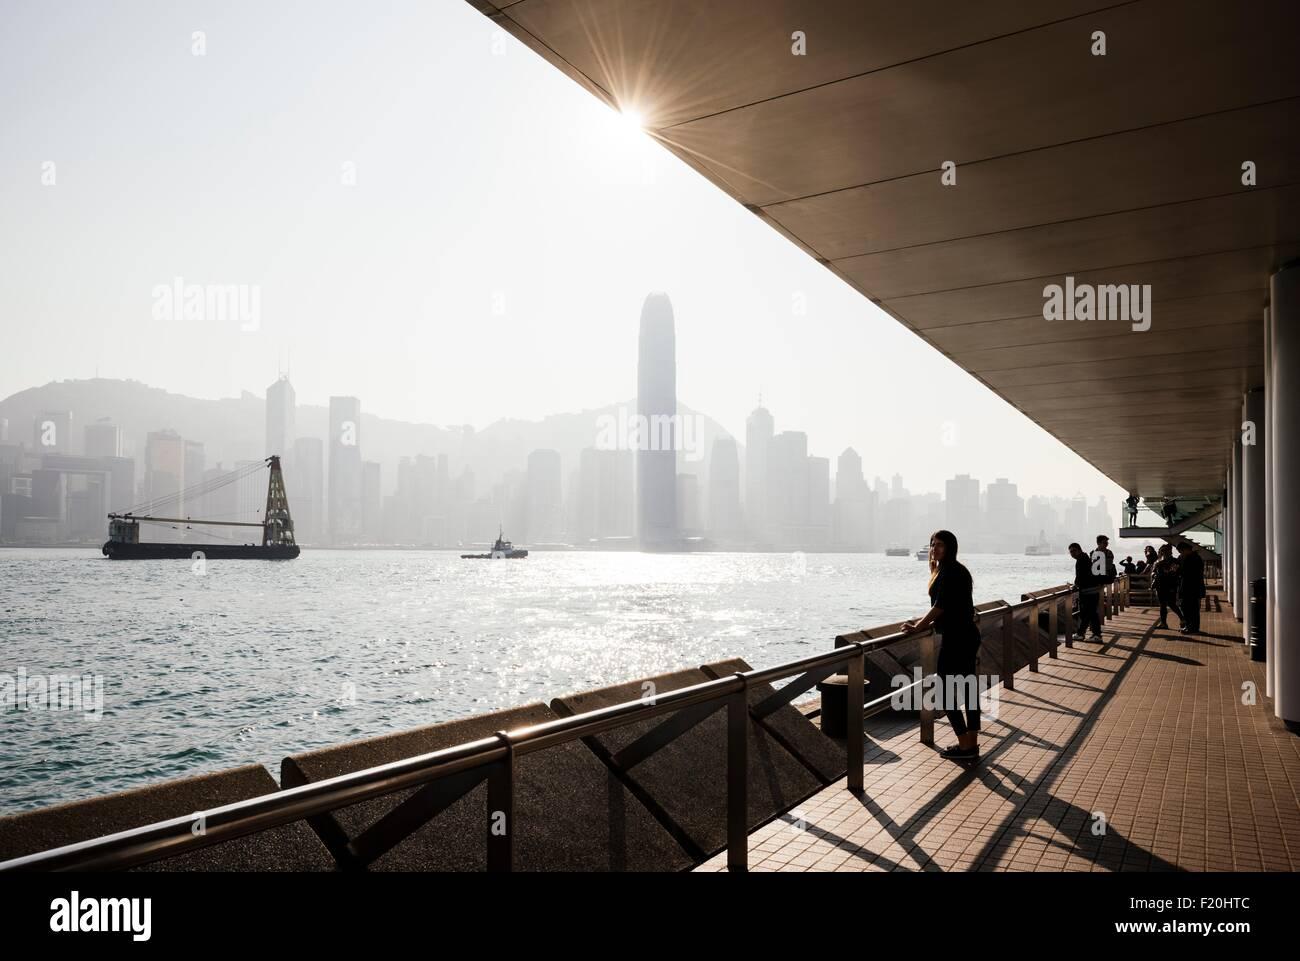 Vista lateral de la silueta de la mujer joven de pie mirando el agua en el skyline, Hong Kong, China Imagen De Stock